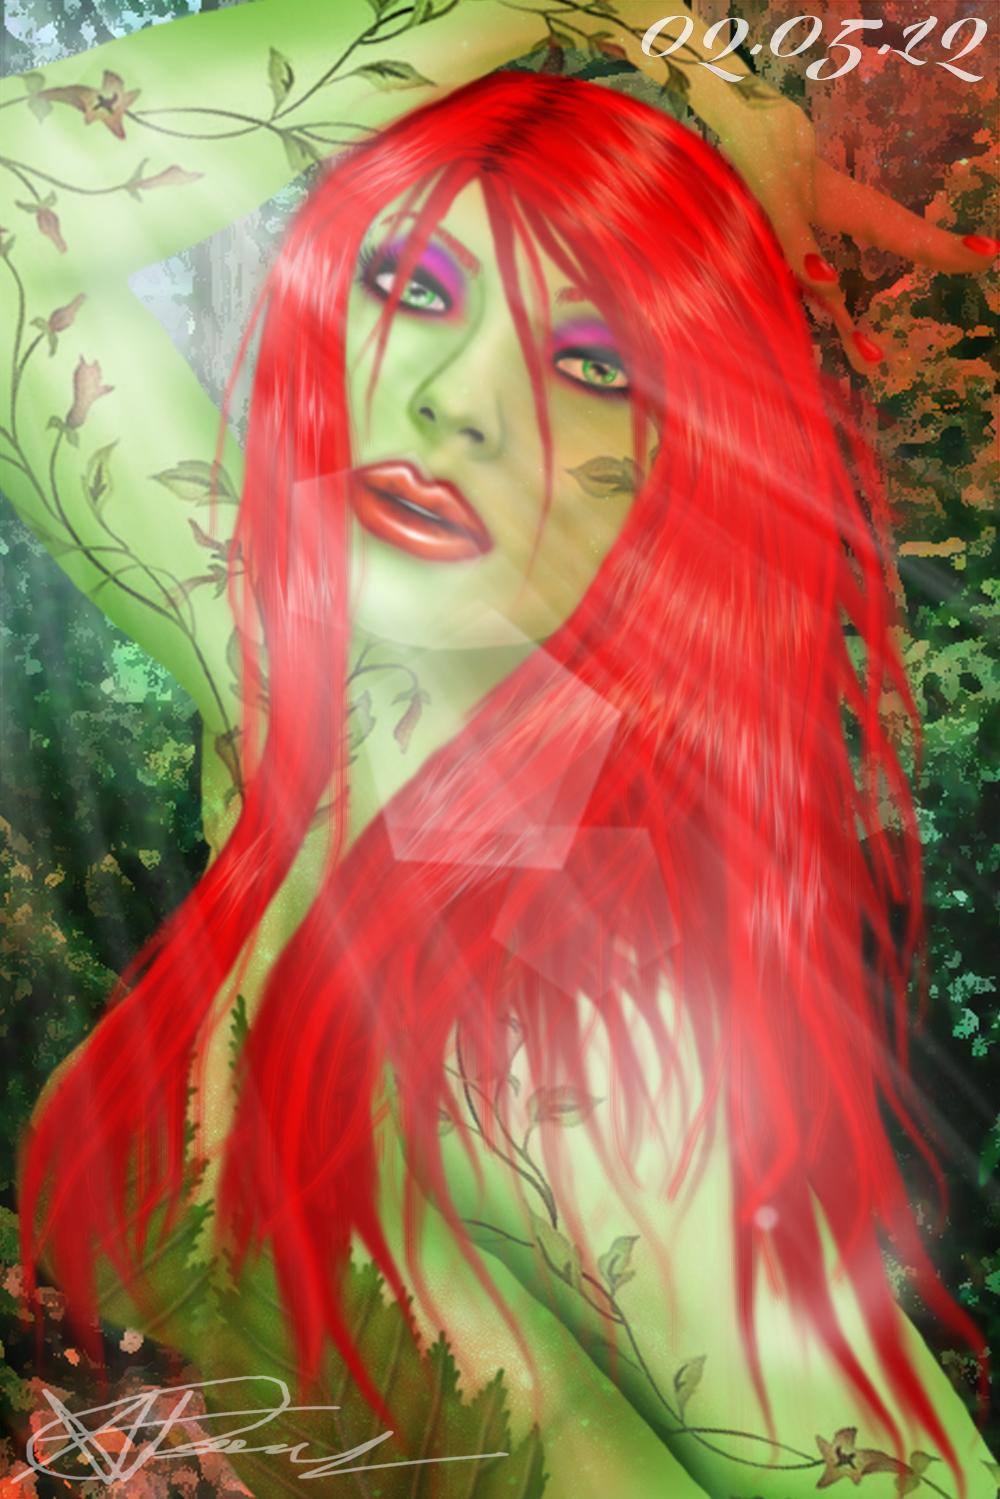 Bridget Blond as Poison Ivy